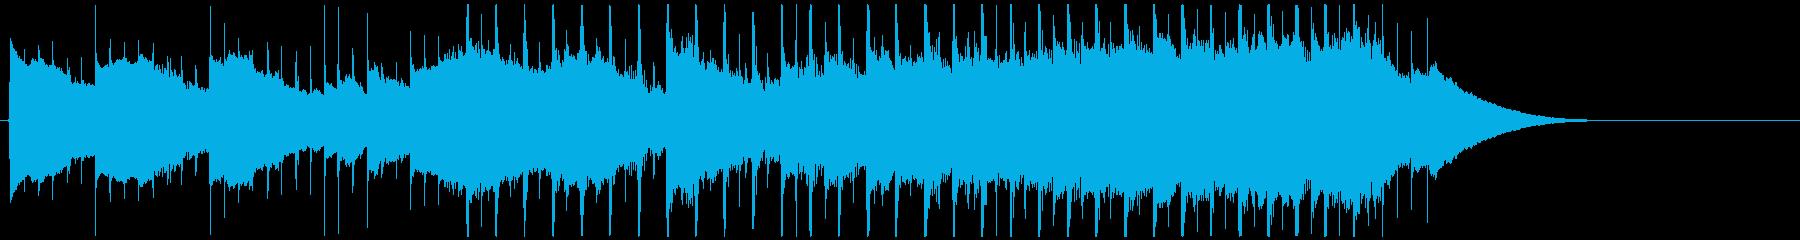 企業VPジングル ギター透明感プレゼン用の再生済みの波形